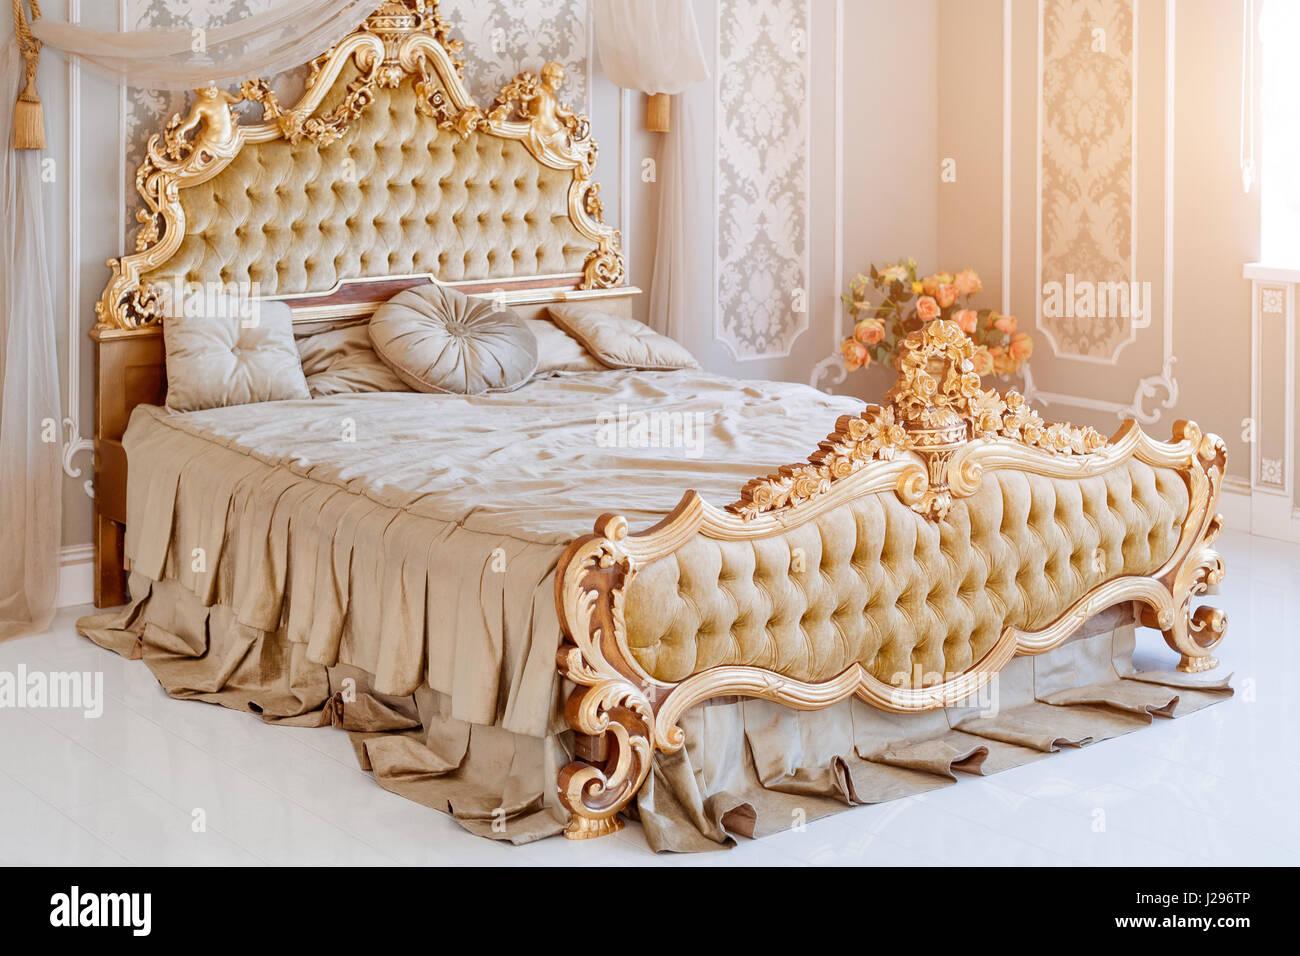 Habitaci N De Lujo Con Colores Claros Y Muebles Dorados Detalles  # Muebles Dorados